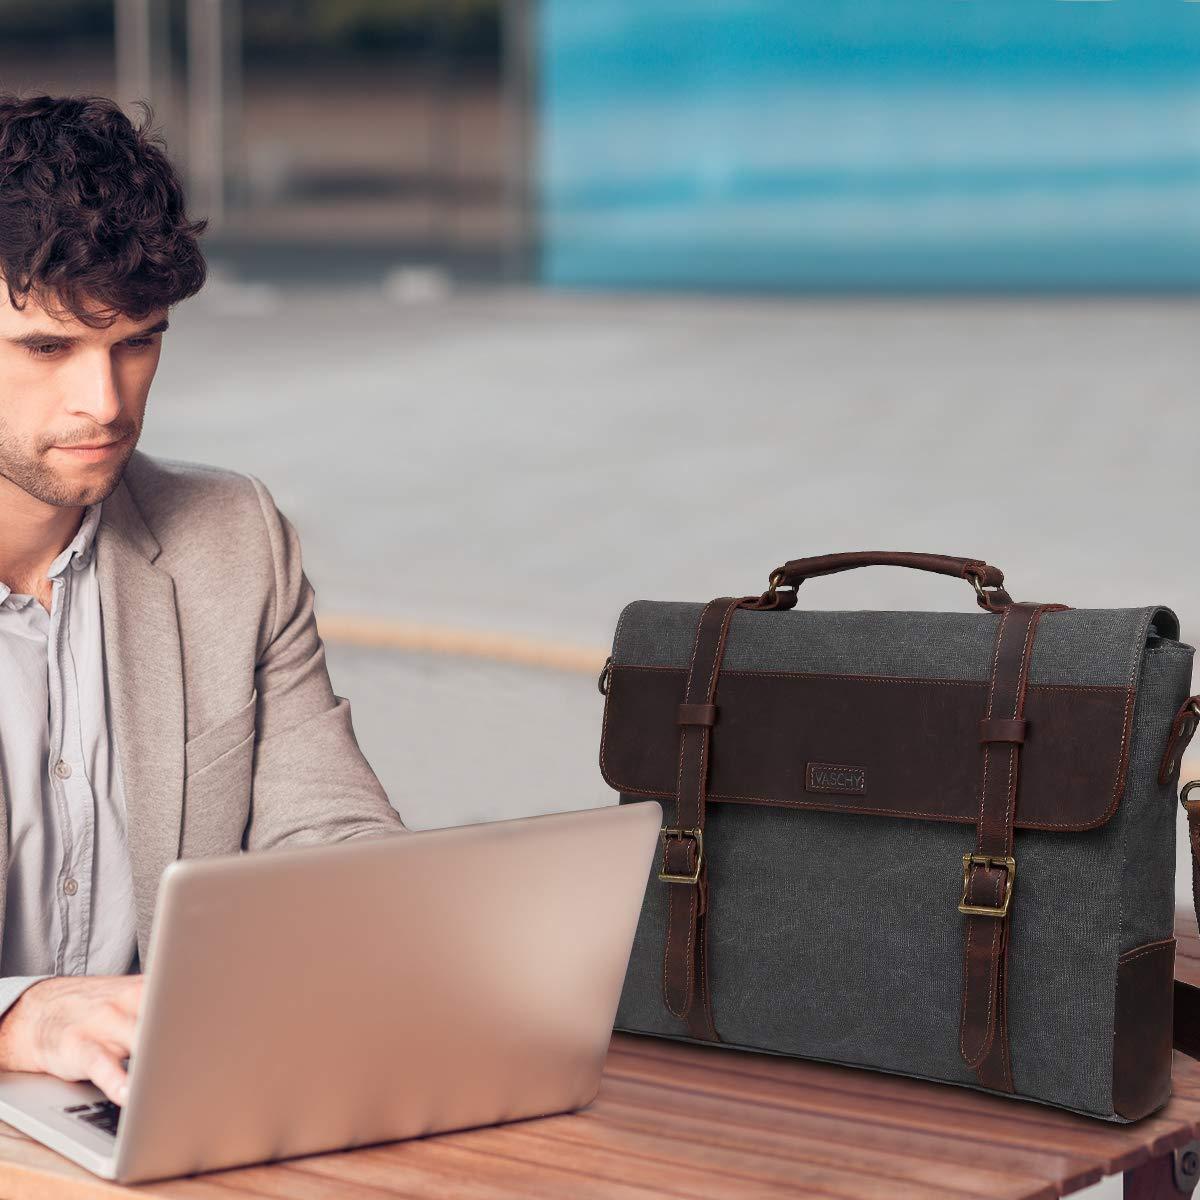 Vintage Leather Canvas Messenger Bag for 15.6in Laptop Shoulder Bag Business Briefcase School Bag 67-Gray Vaschy Satchel Bag Mens